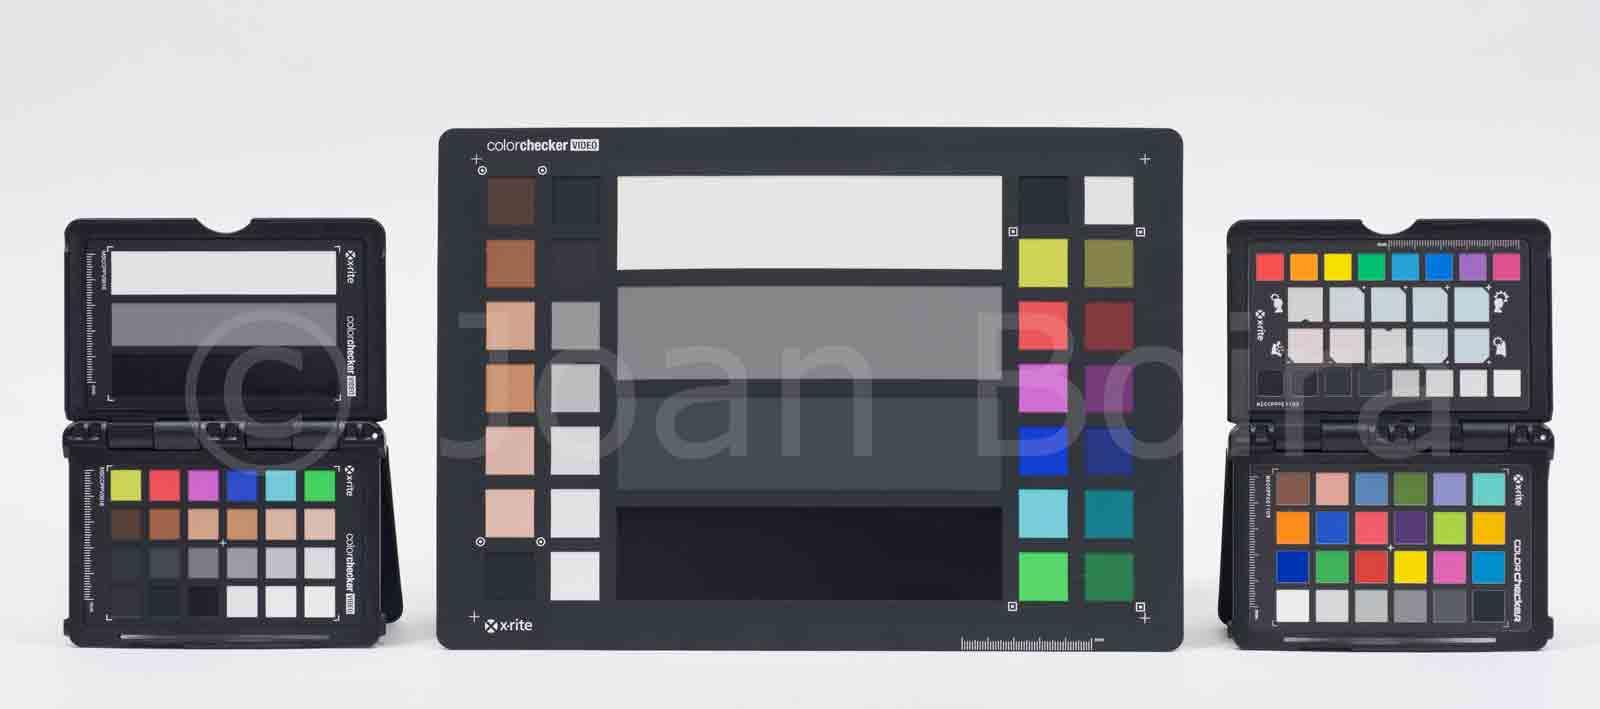 Cartas de color para ajustar el color en foto y vídeo